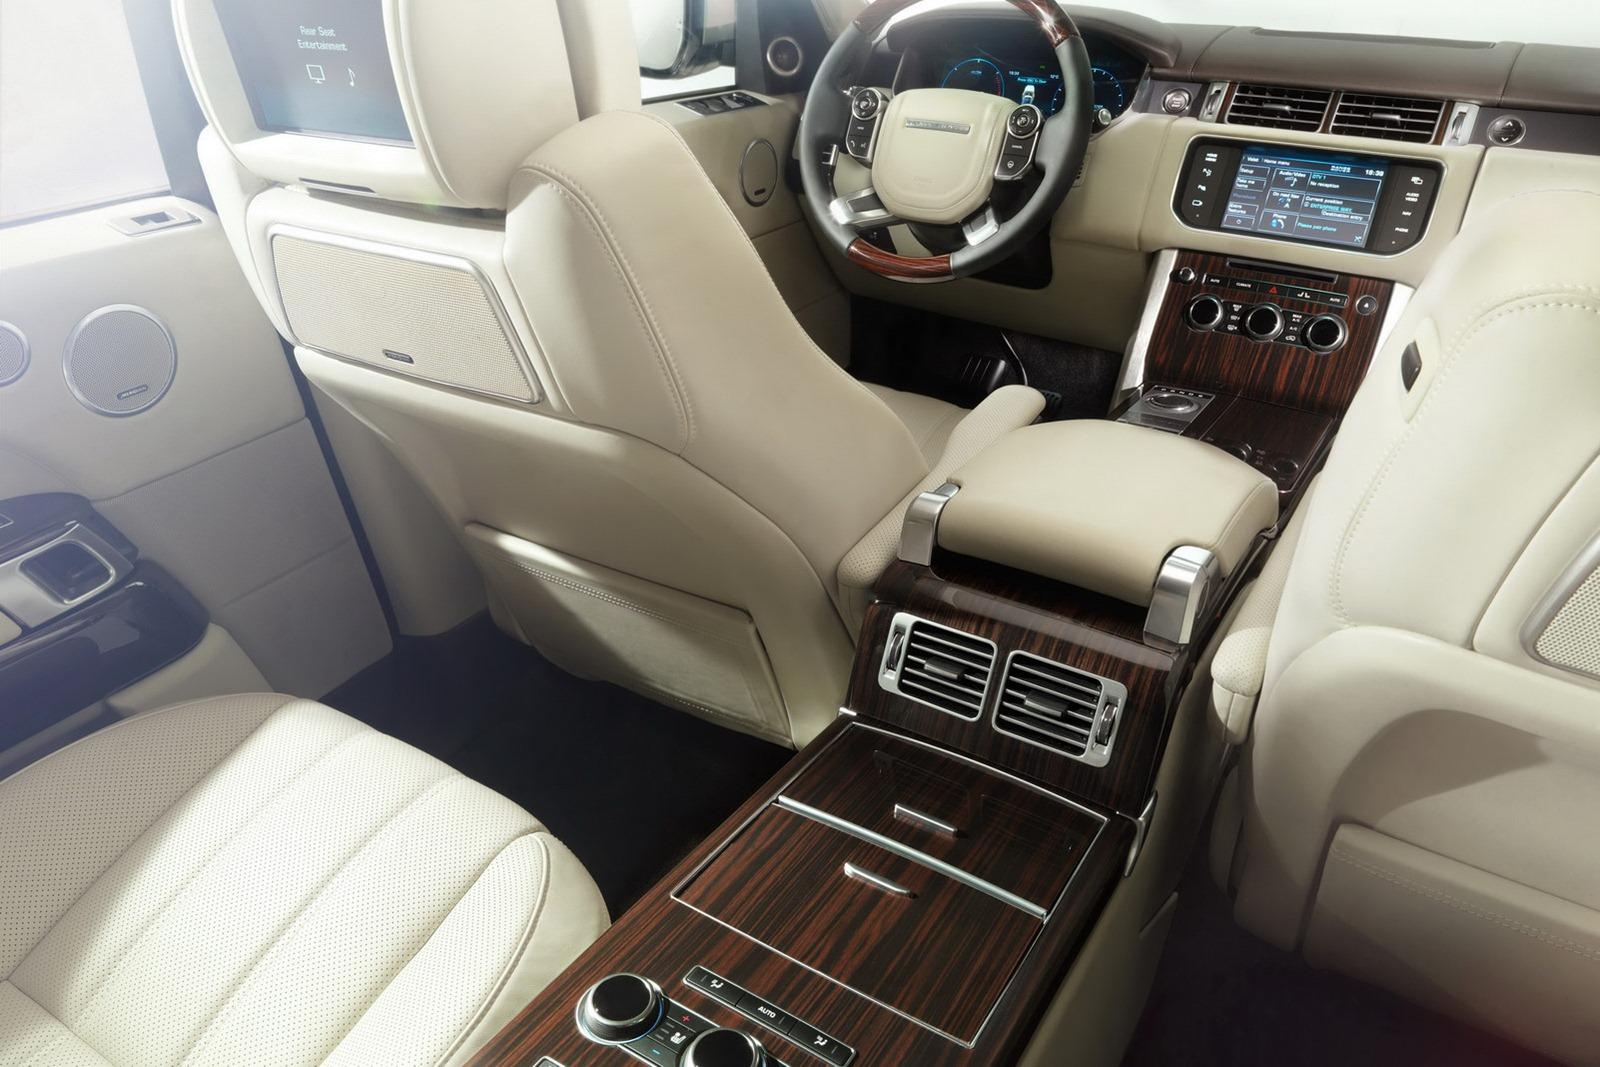 2013-Range-Rover-11%25255B2%25255D.jpg